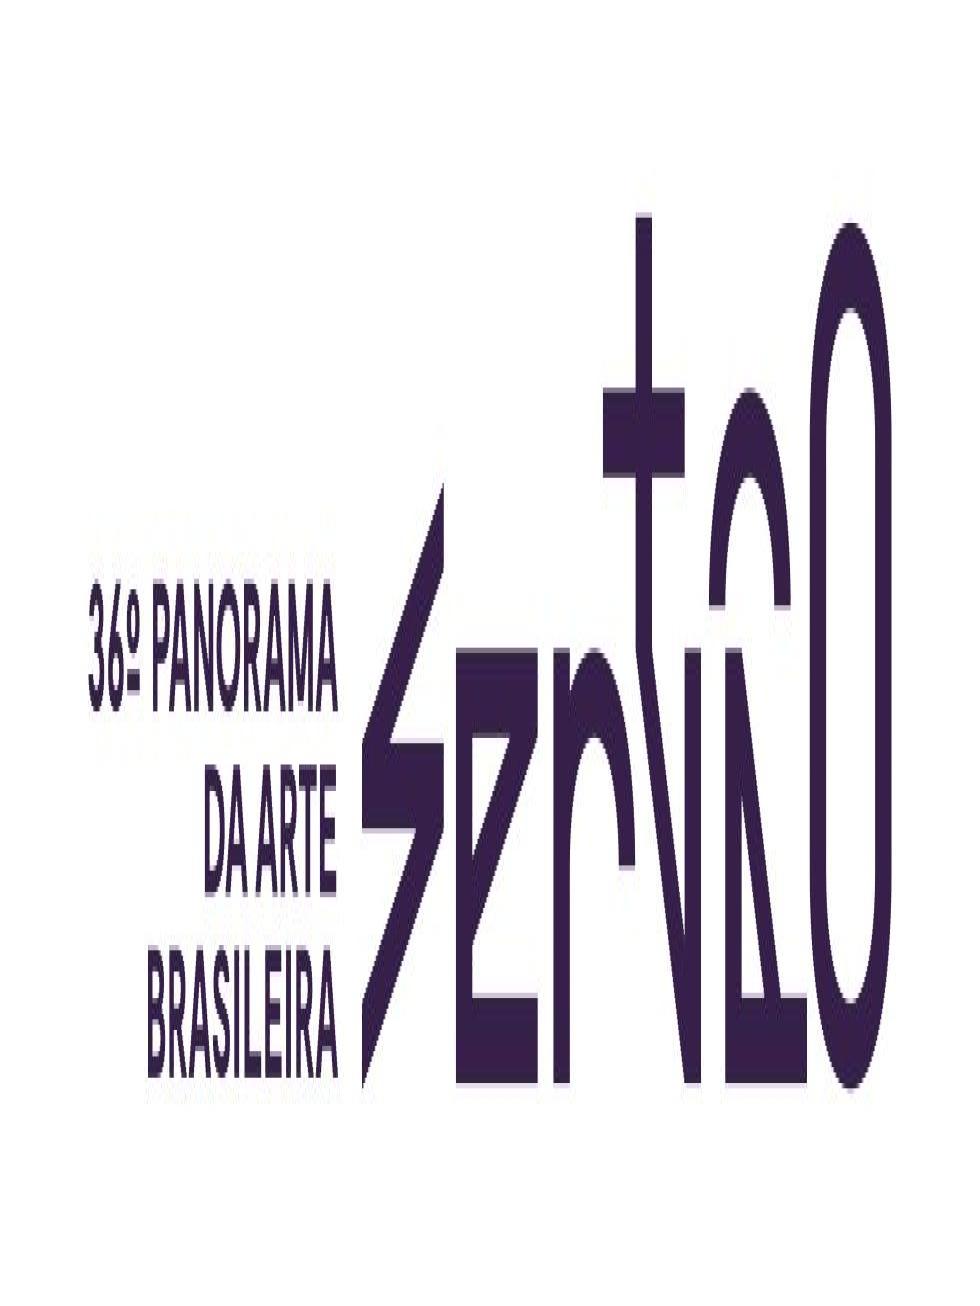 Logomarca da exposição.